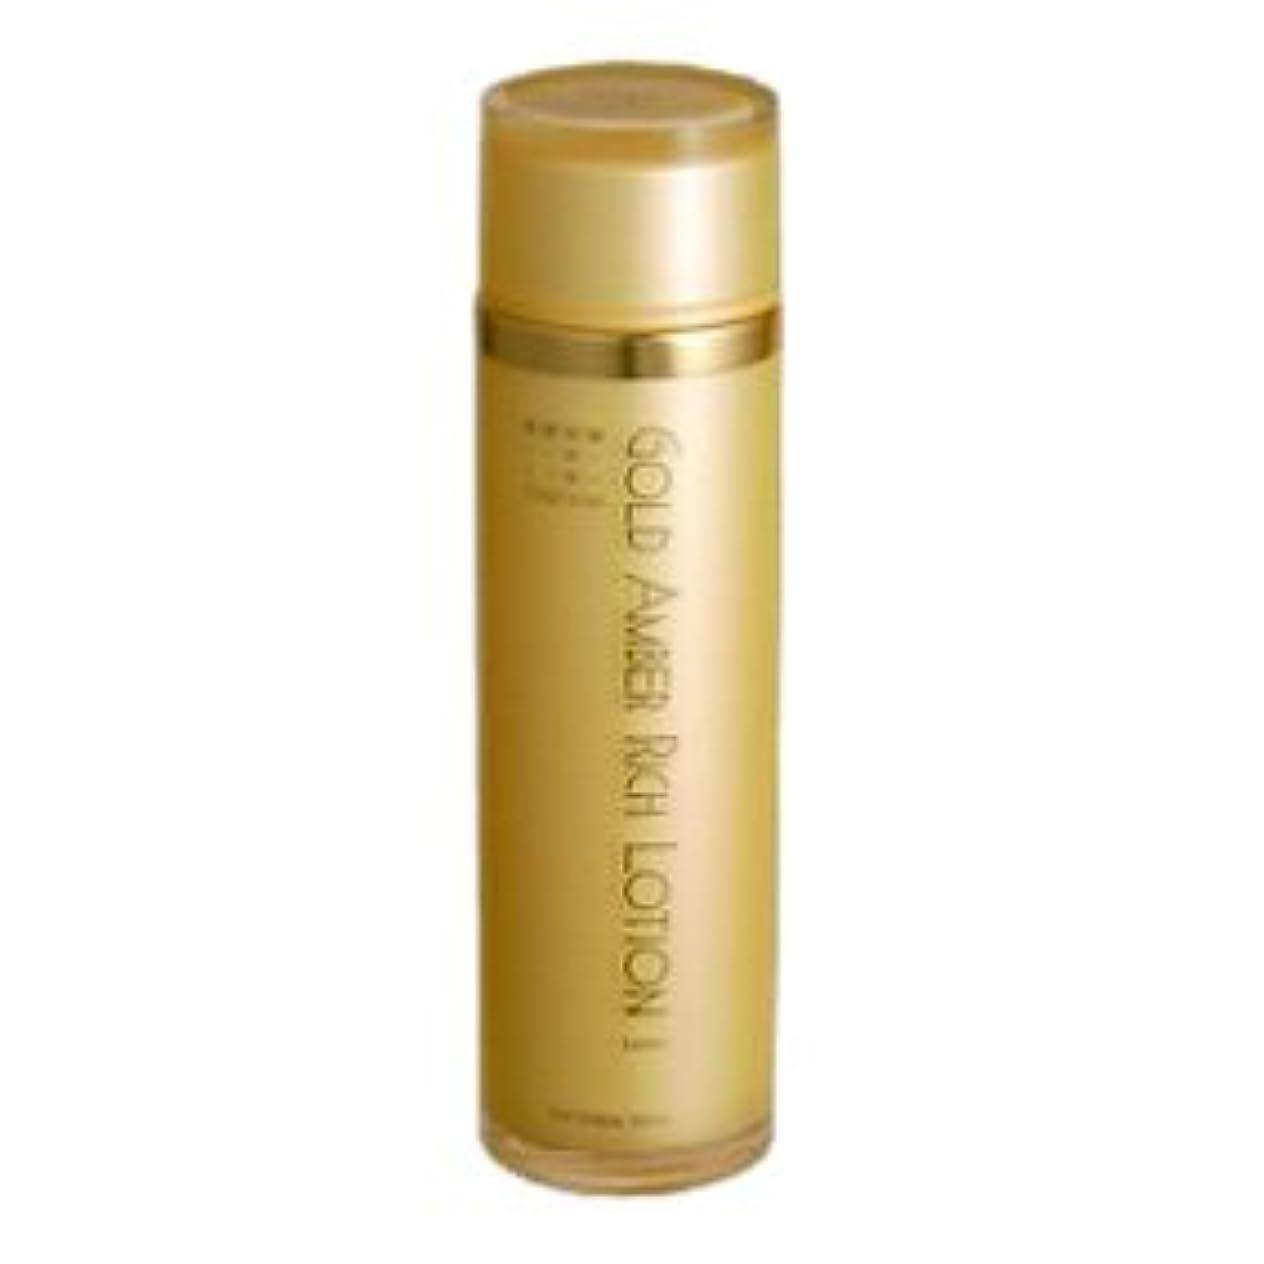 タイピスト必須晴れコスメプラウド ゴールドアンバーリッチローション120ml(化粧水)